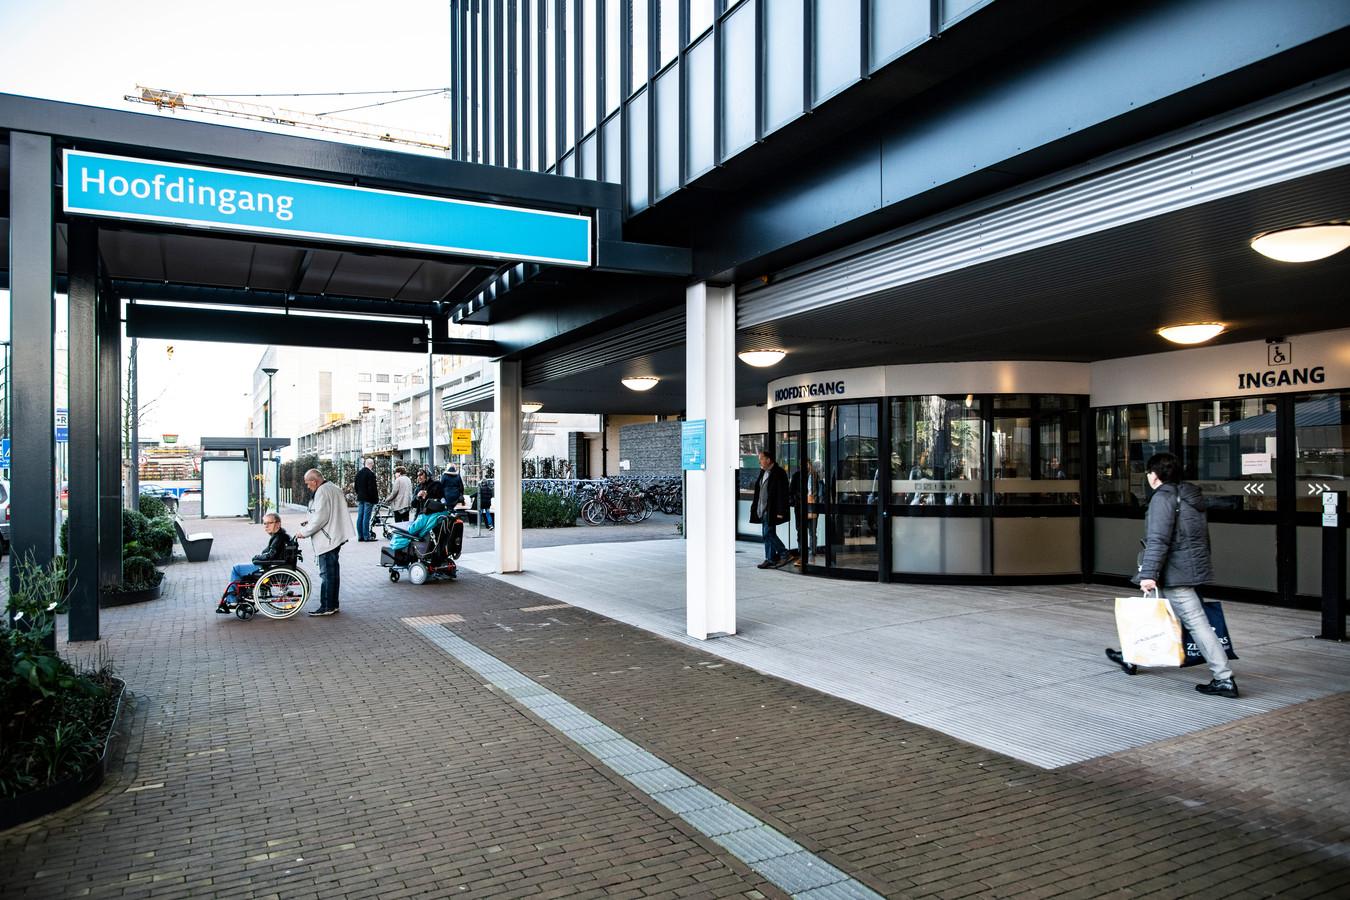 Radboudumc in Nijmegen